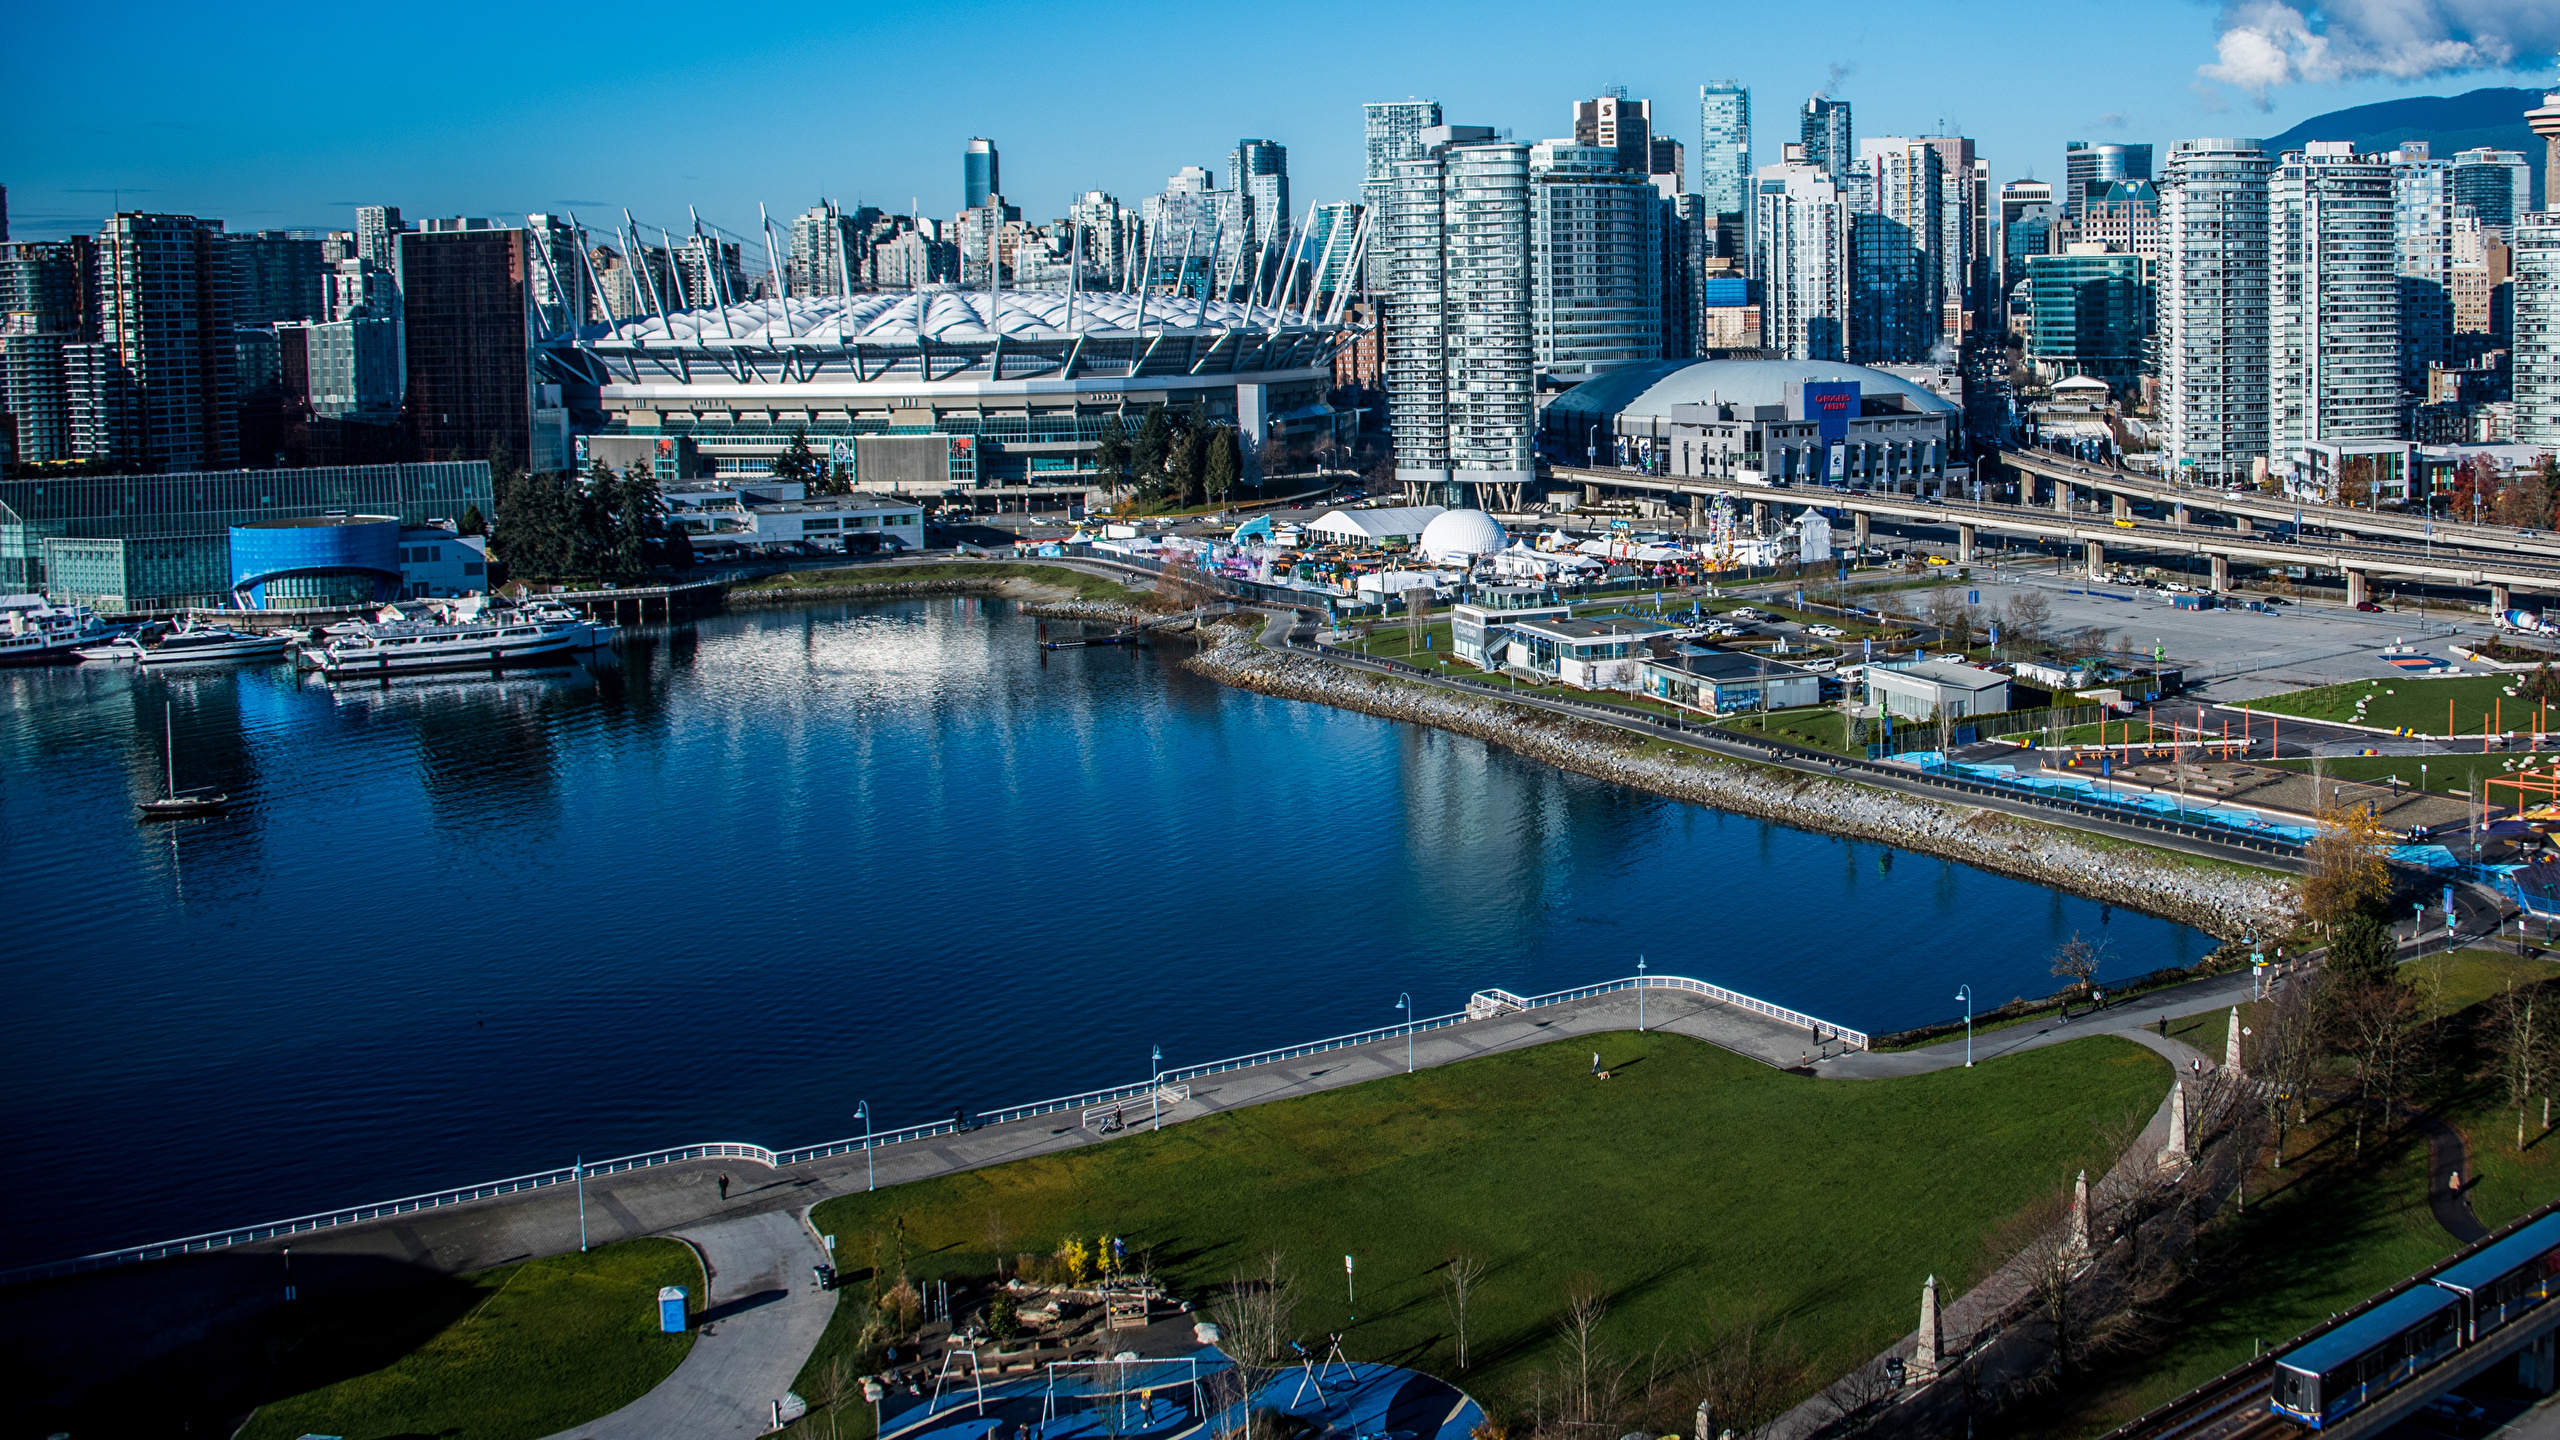 Фото Ванкувер Канада Залив Причалы Города Здания 2560x1440 Пирсы Пристань Дома